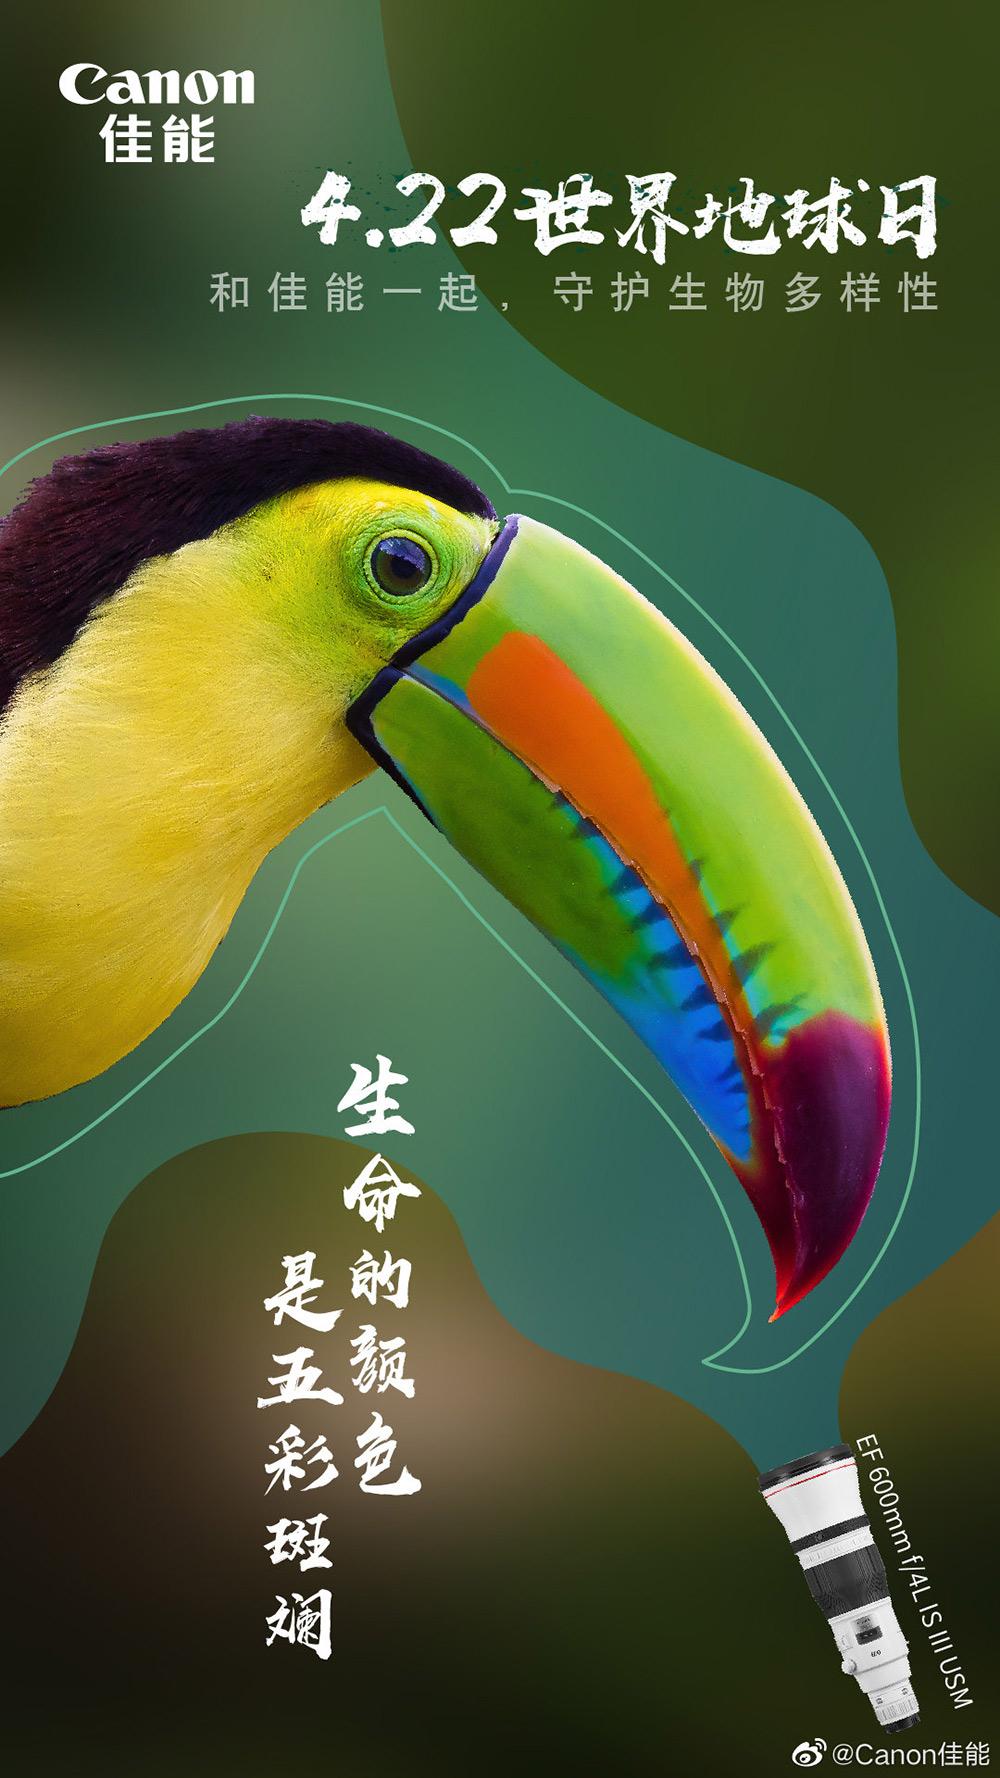 爱护家园!各大品牌「世界地球日」海报设计